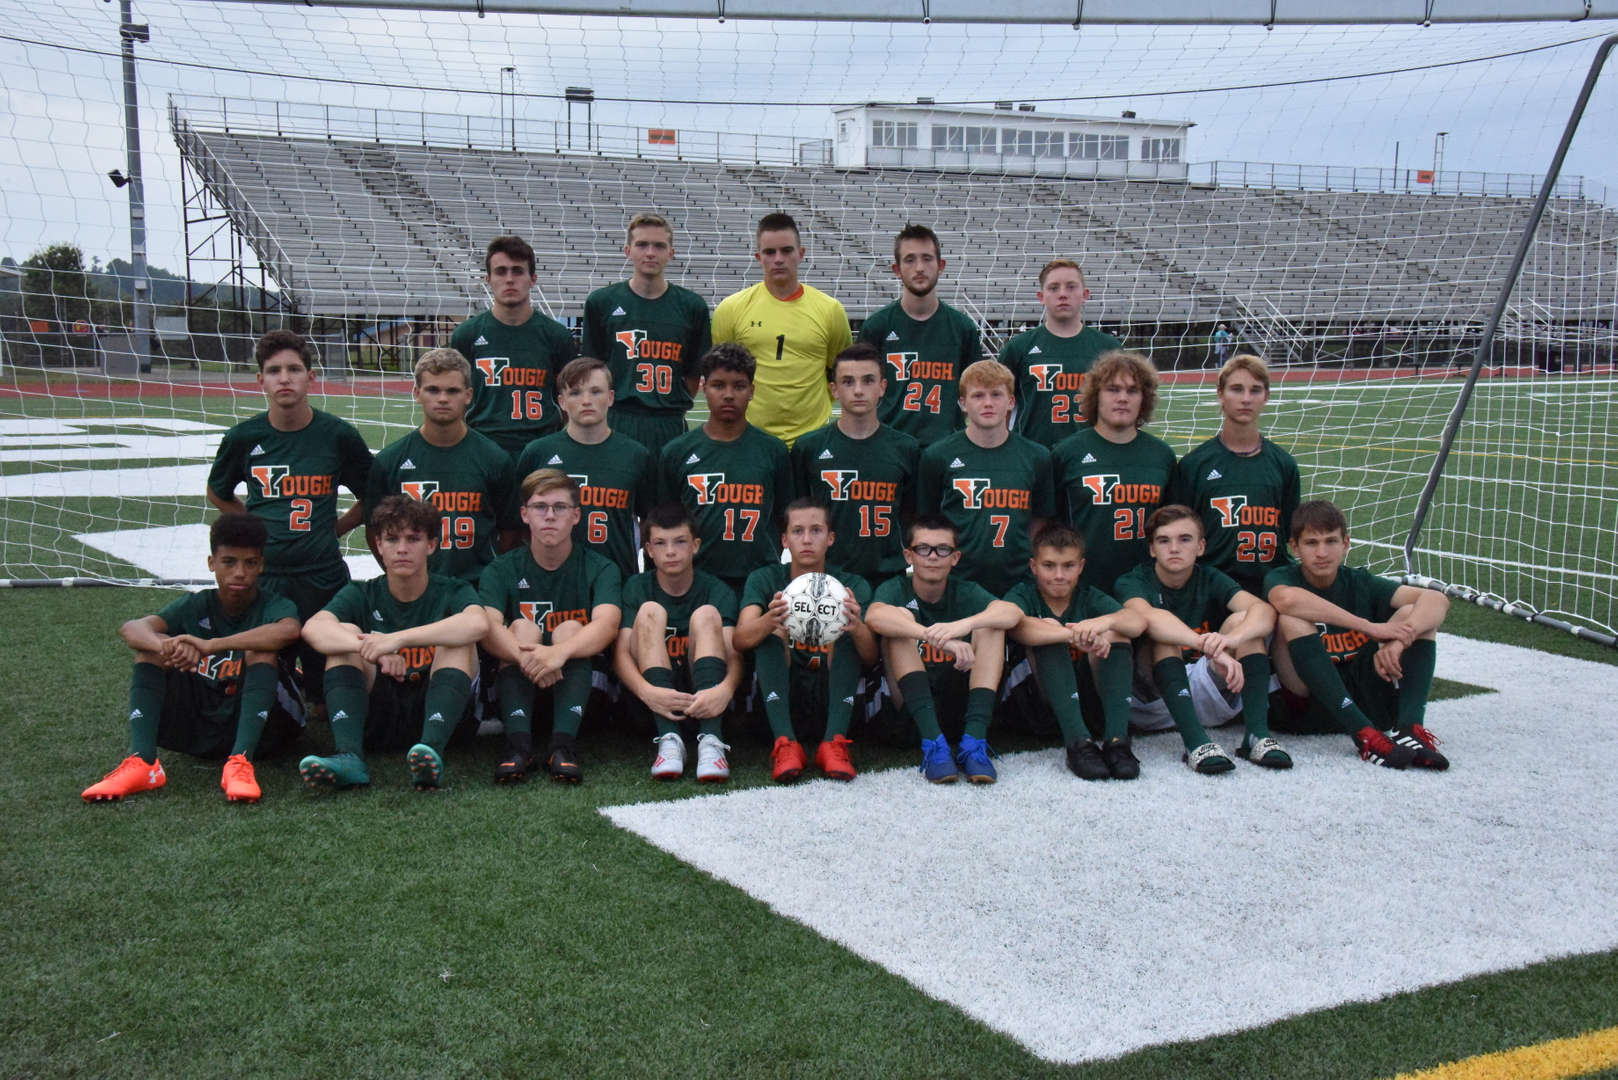 2019 Boys Soccer Team